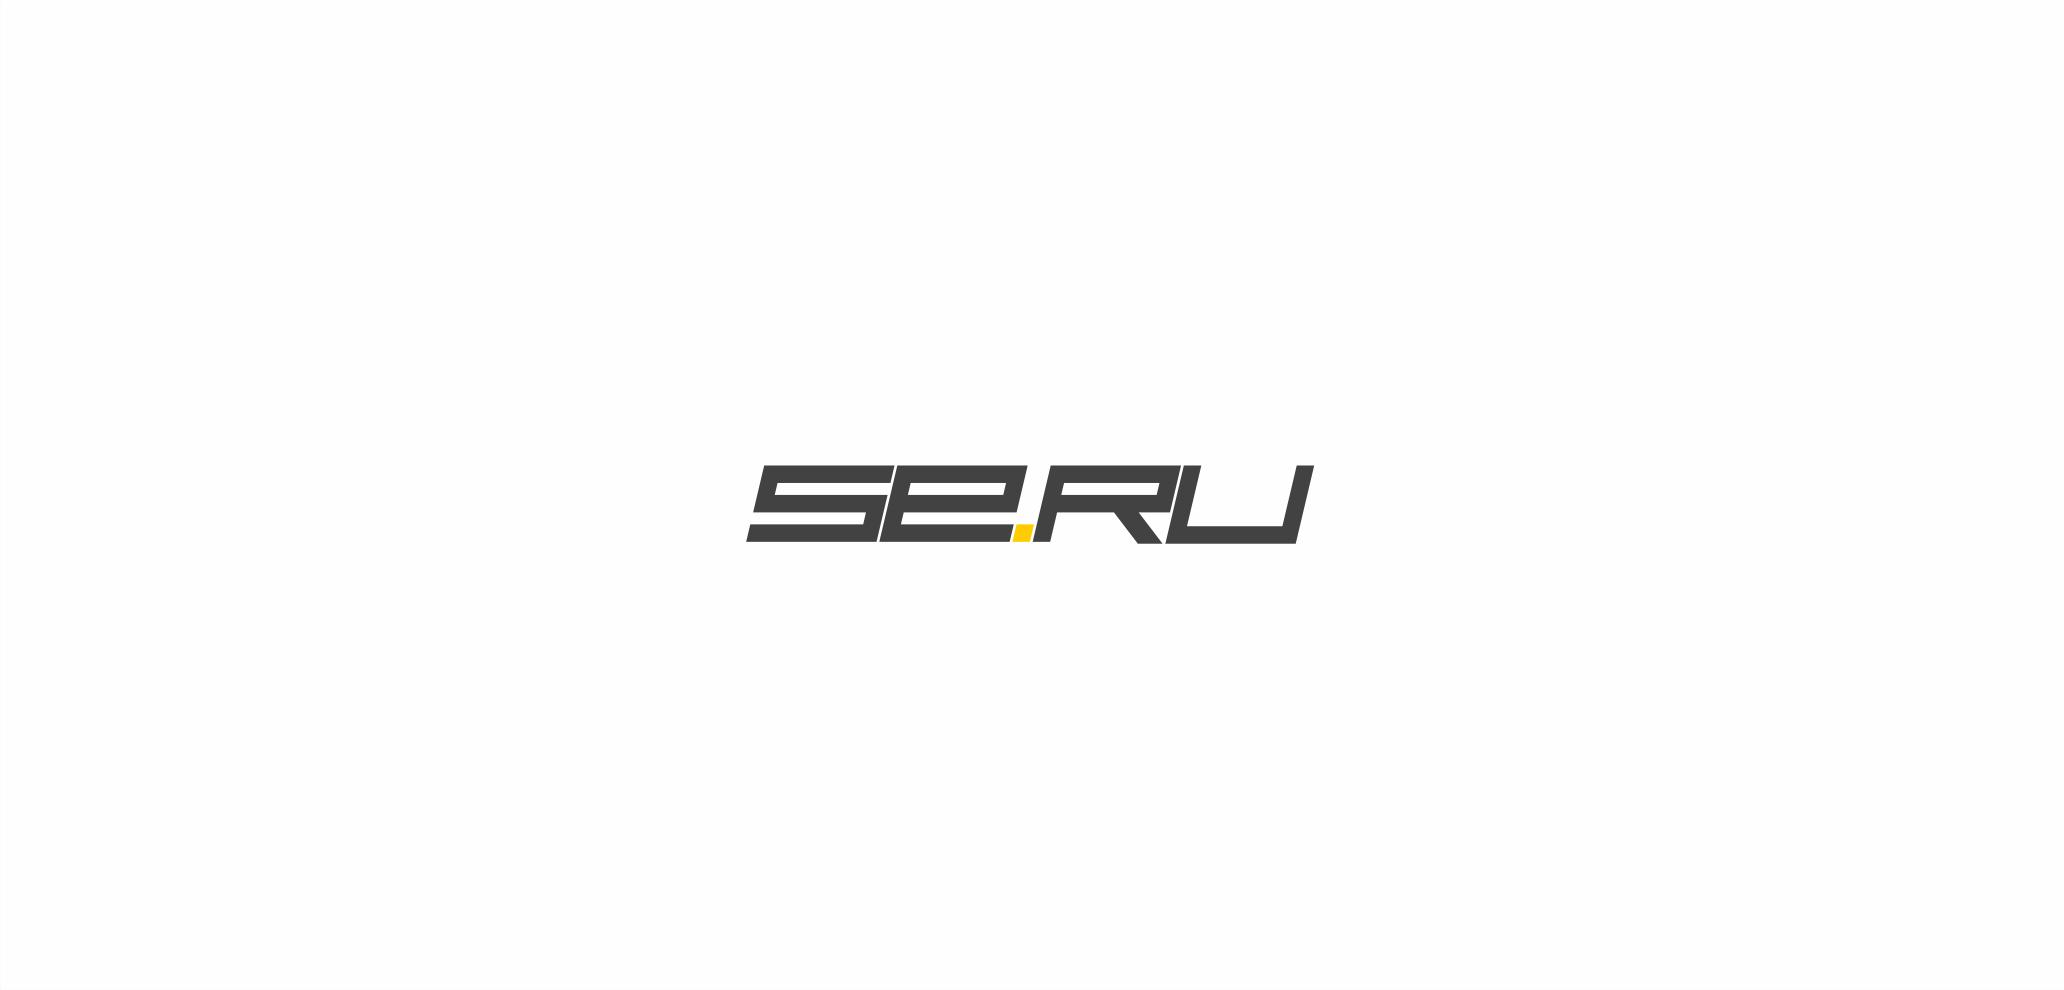 Нарисовать логотип для группы компаний  фото f_2685cdc2263e593d.png